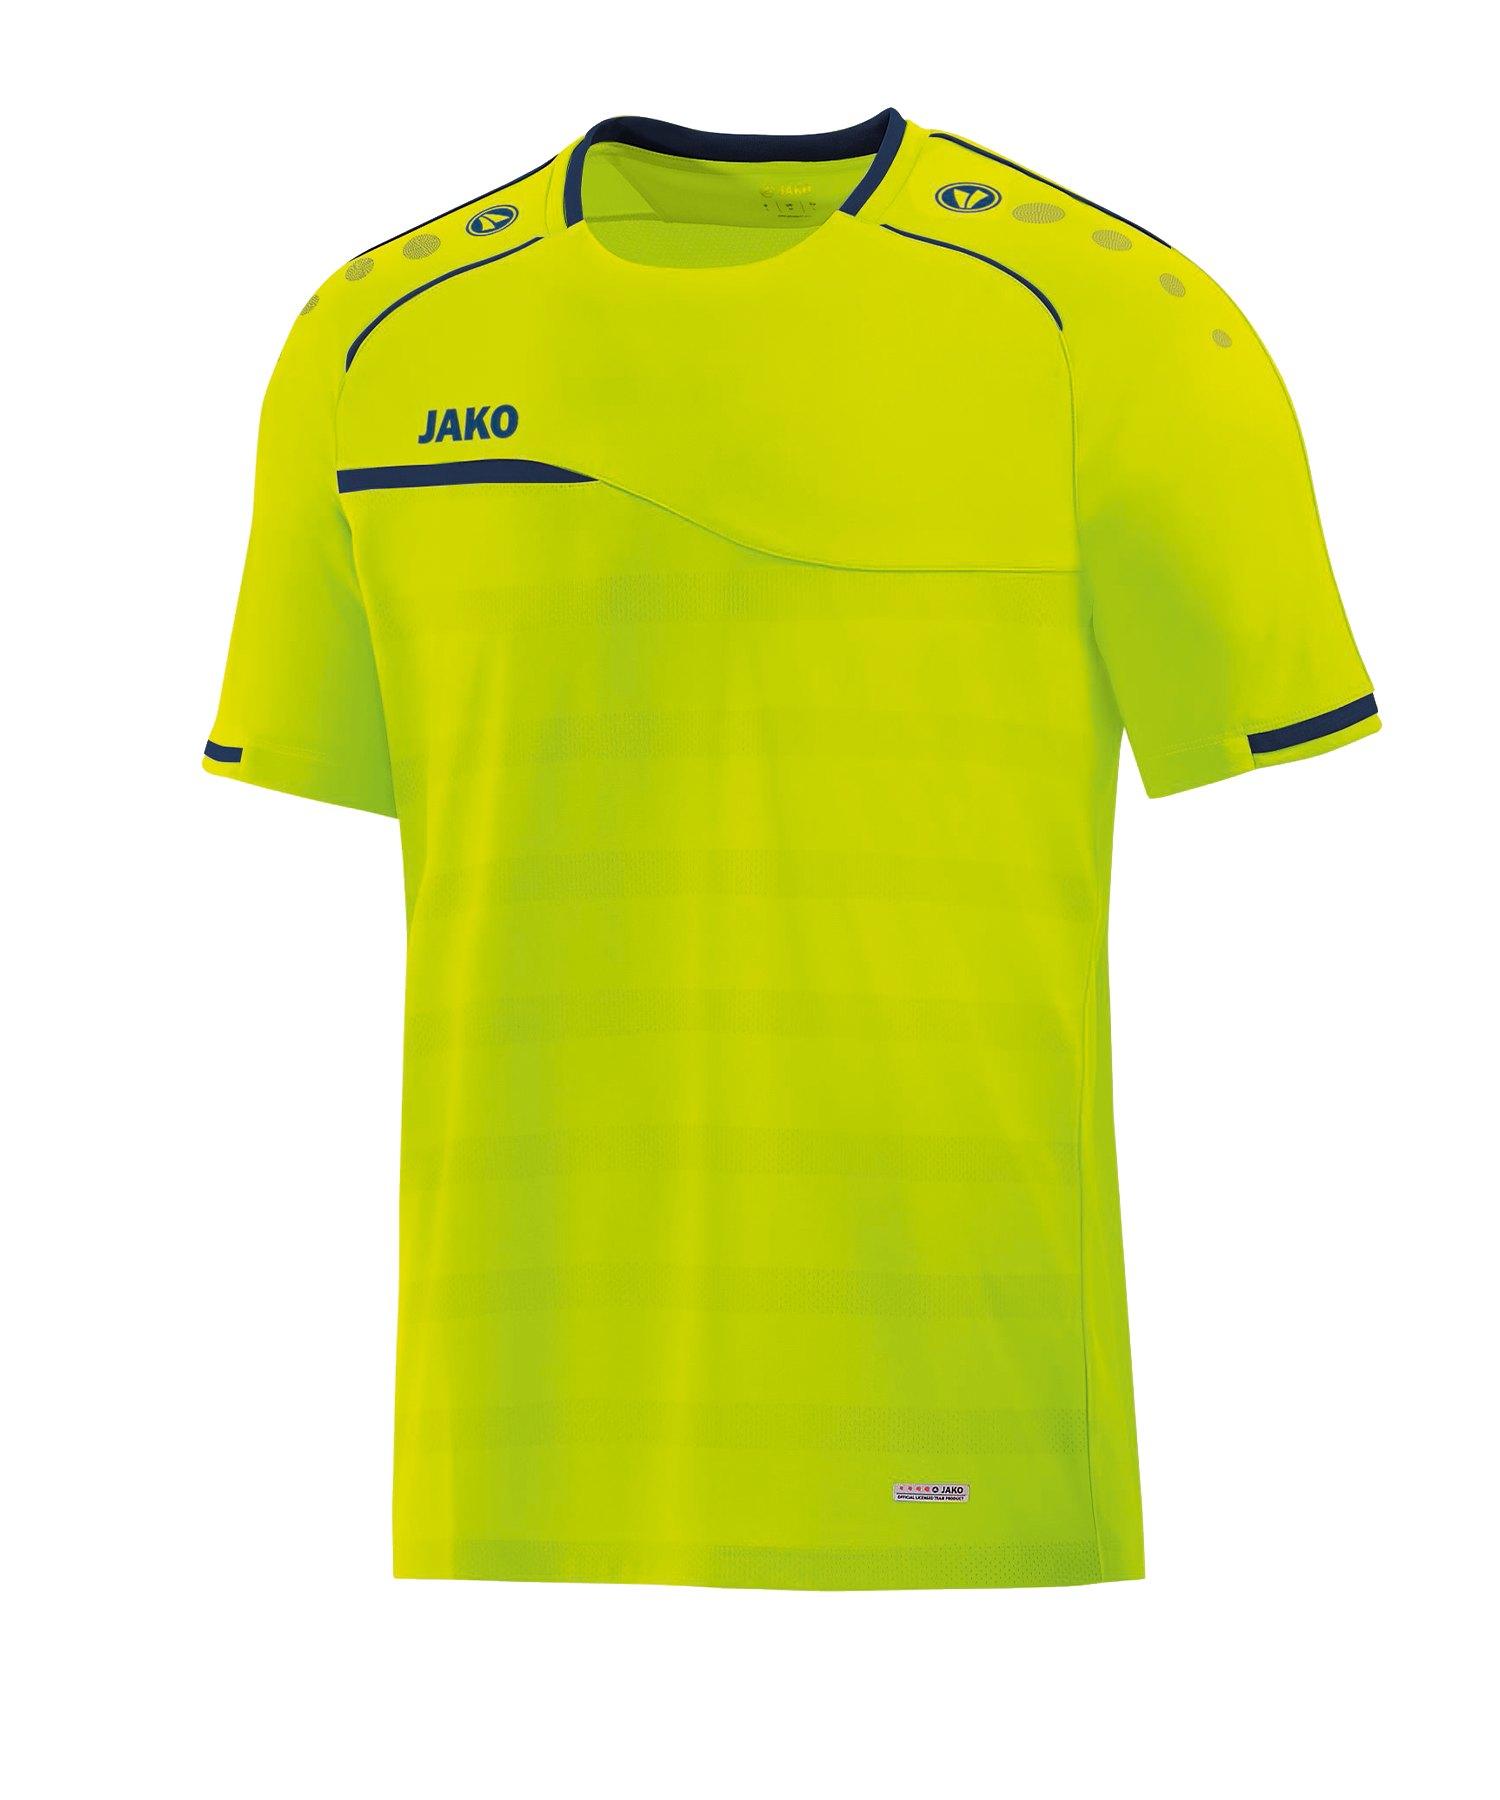 Jako Prestige T-Shirt Kids Gelb Blau F09 - gelb